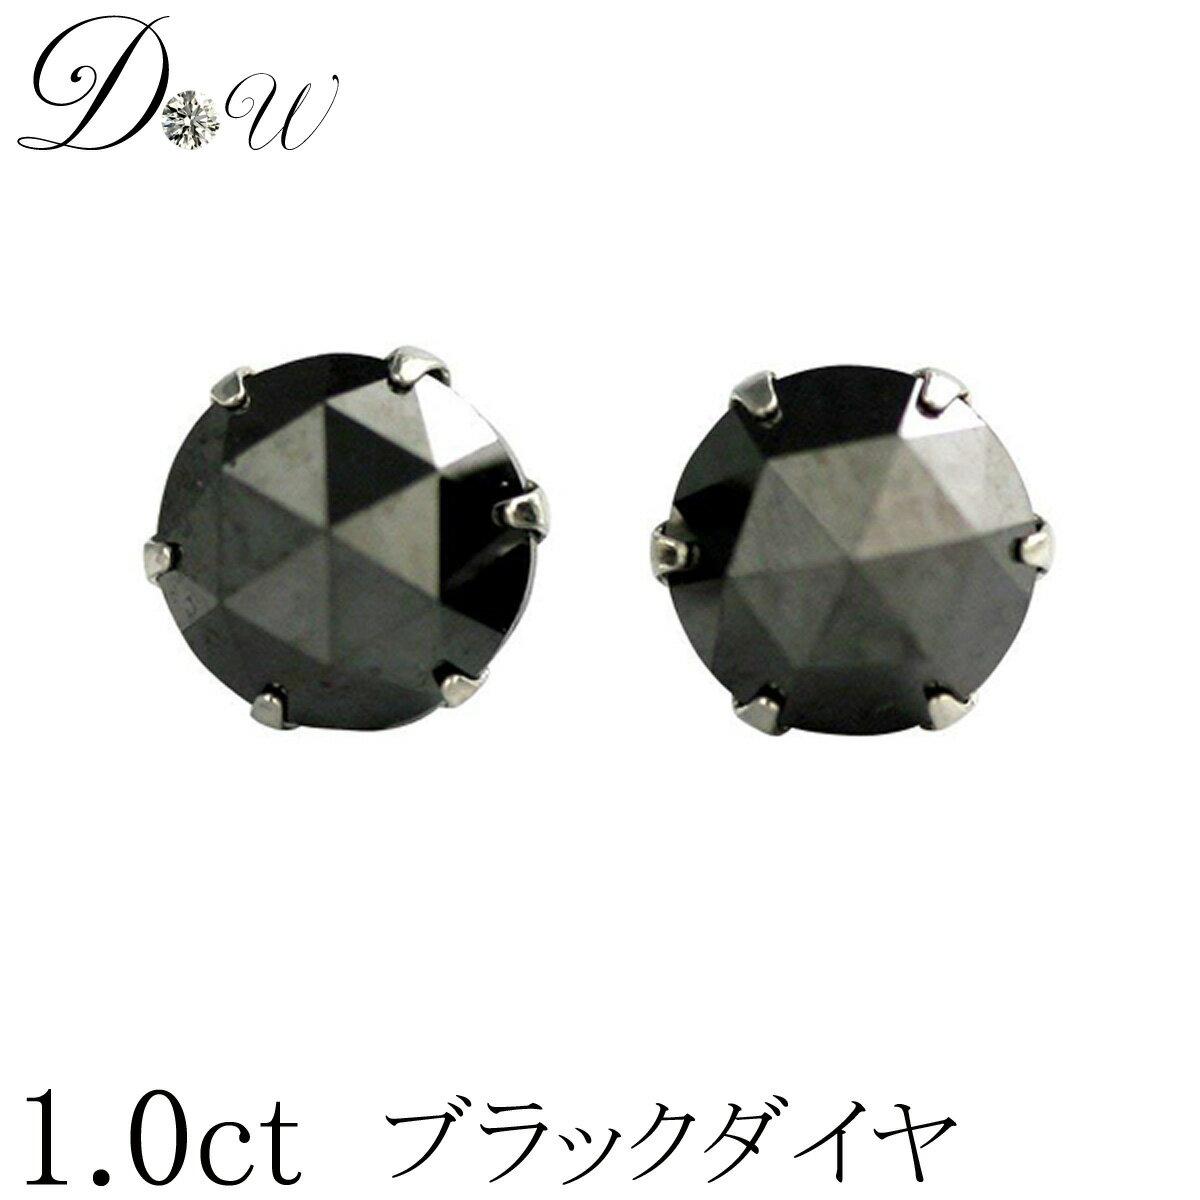 PTプラチナ900ローズカットブラックダイヤモンド ピアス 1.0ct メンズ一粒ダイヤ ブラックダイヤ ブラック ダイヤモンド ピアス 【6本爪タイプ】【品質保証書付】【あす楽対応】